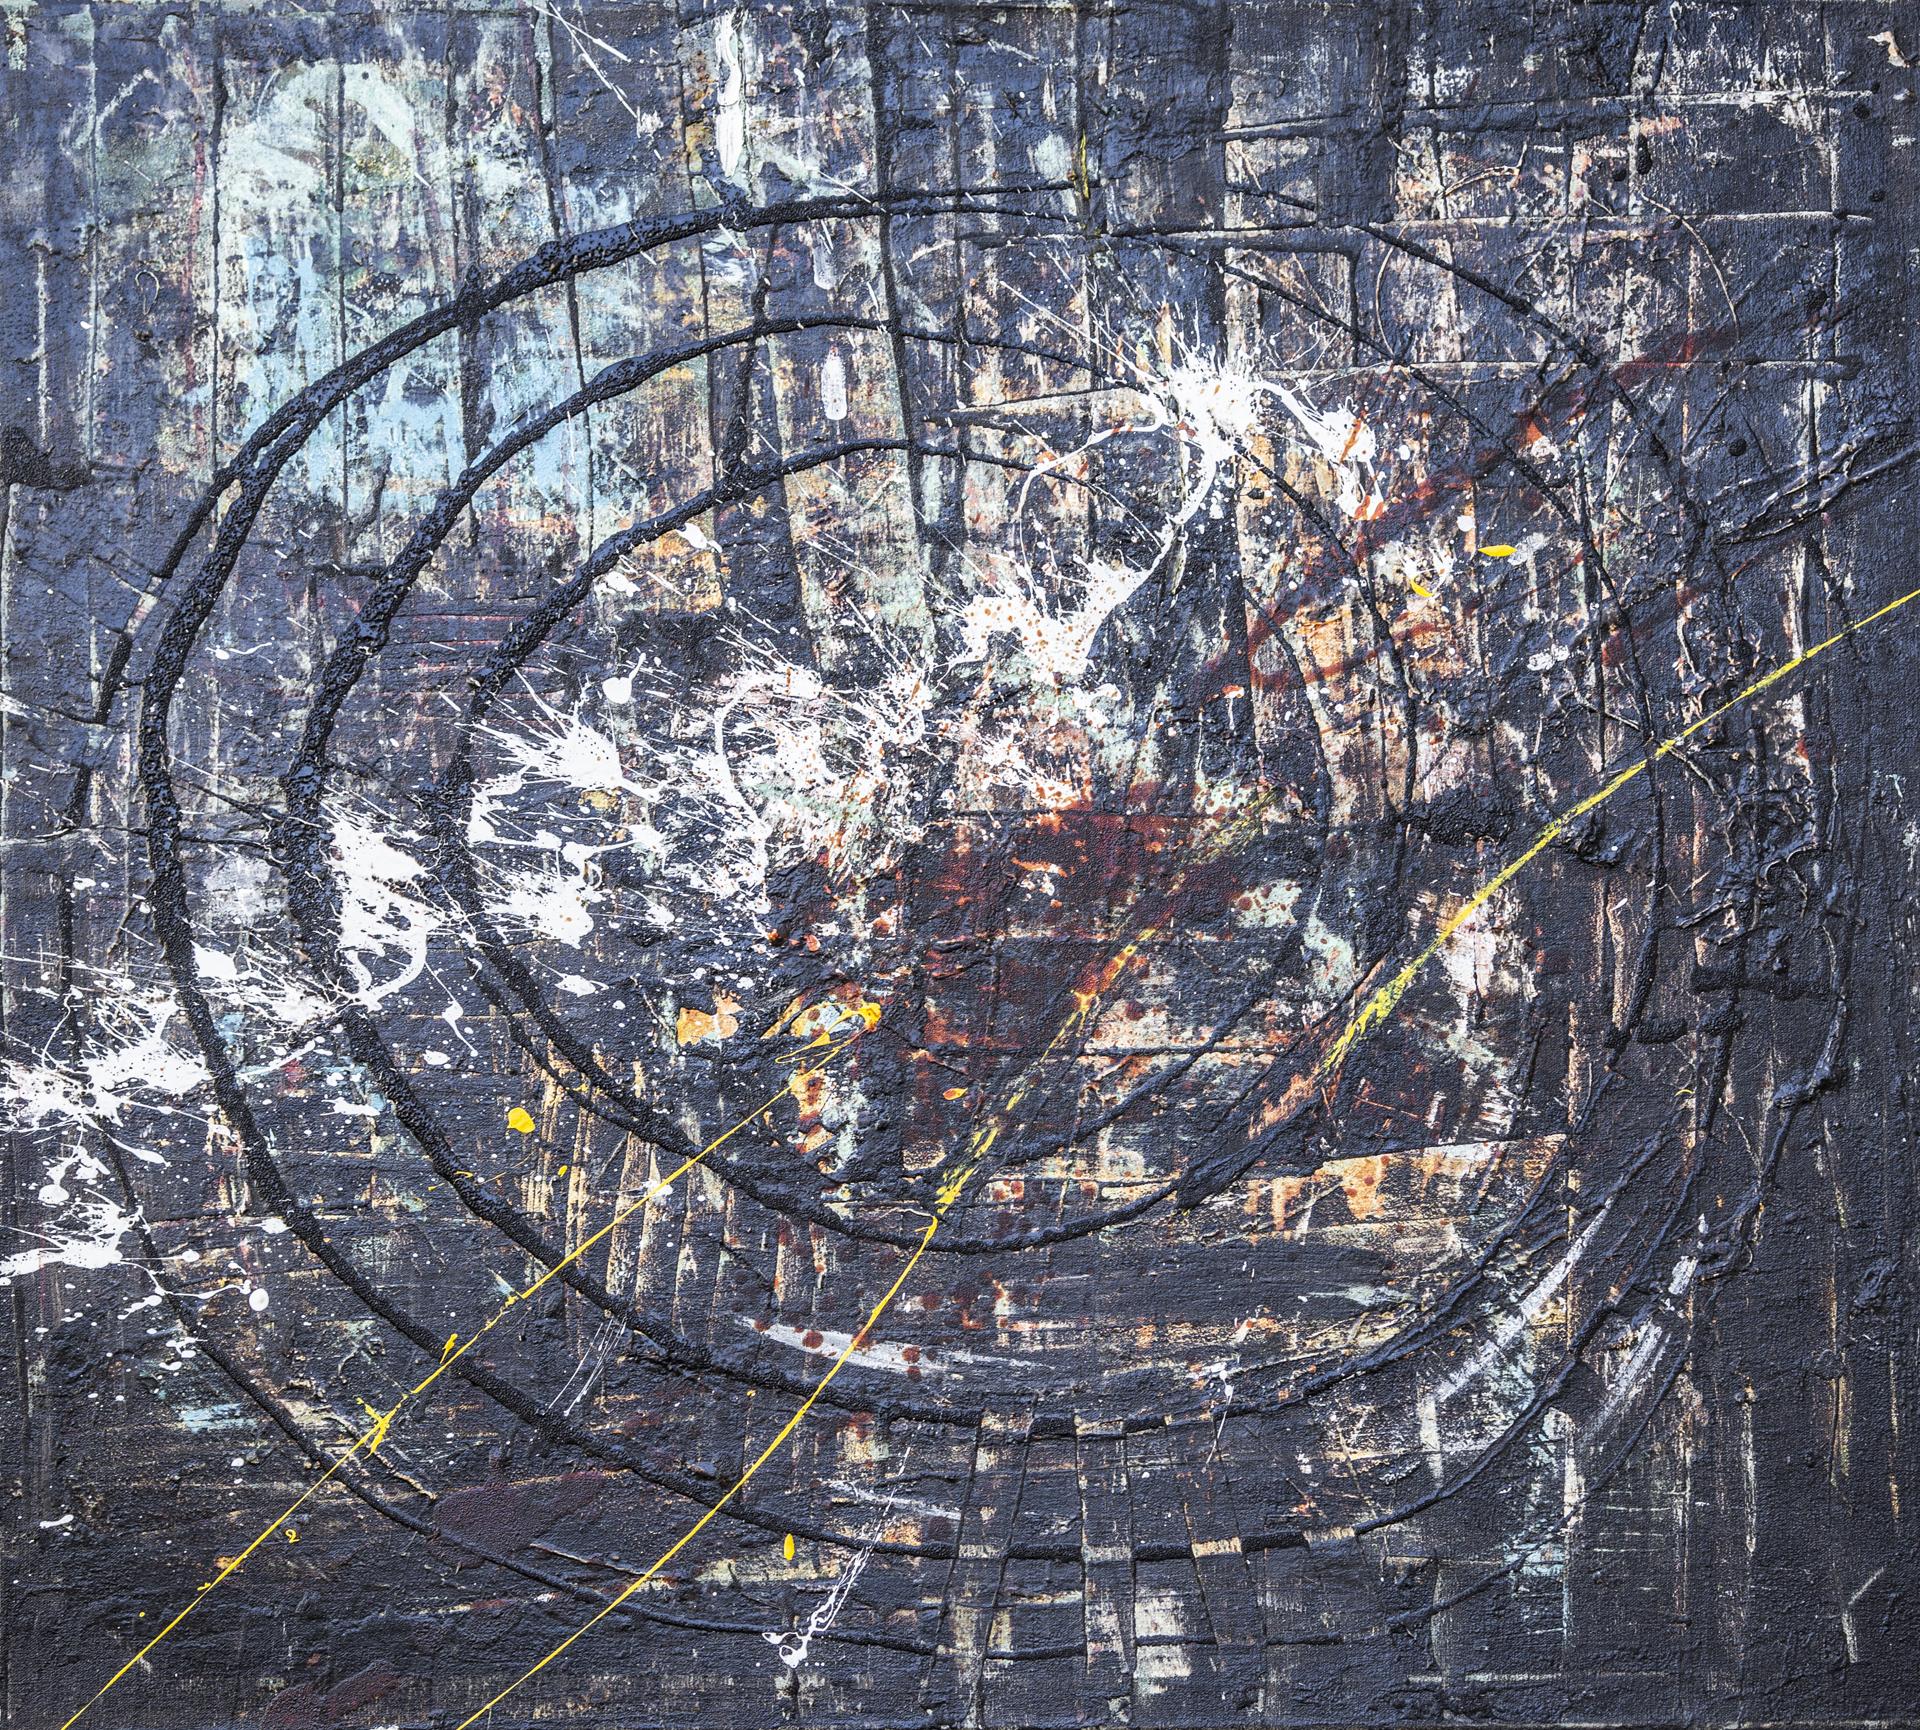 pinturas-obras-de-arte-maximiliano-borgia-008